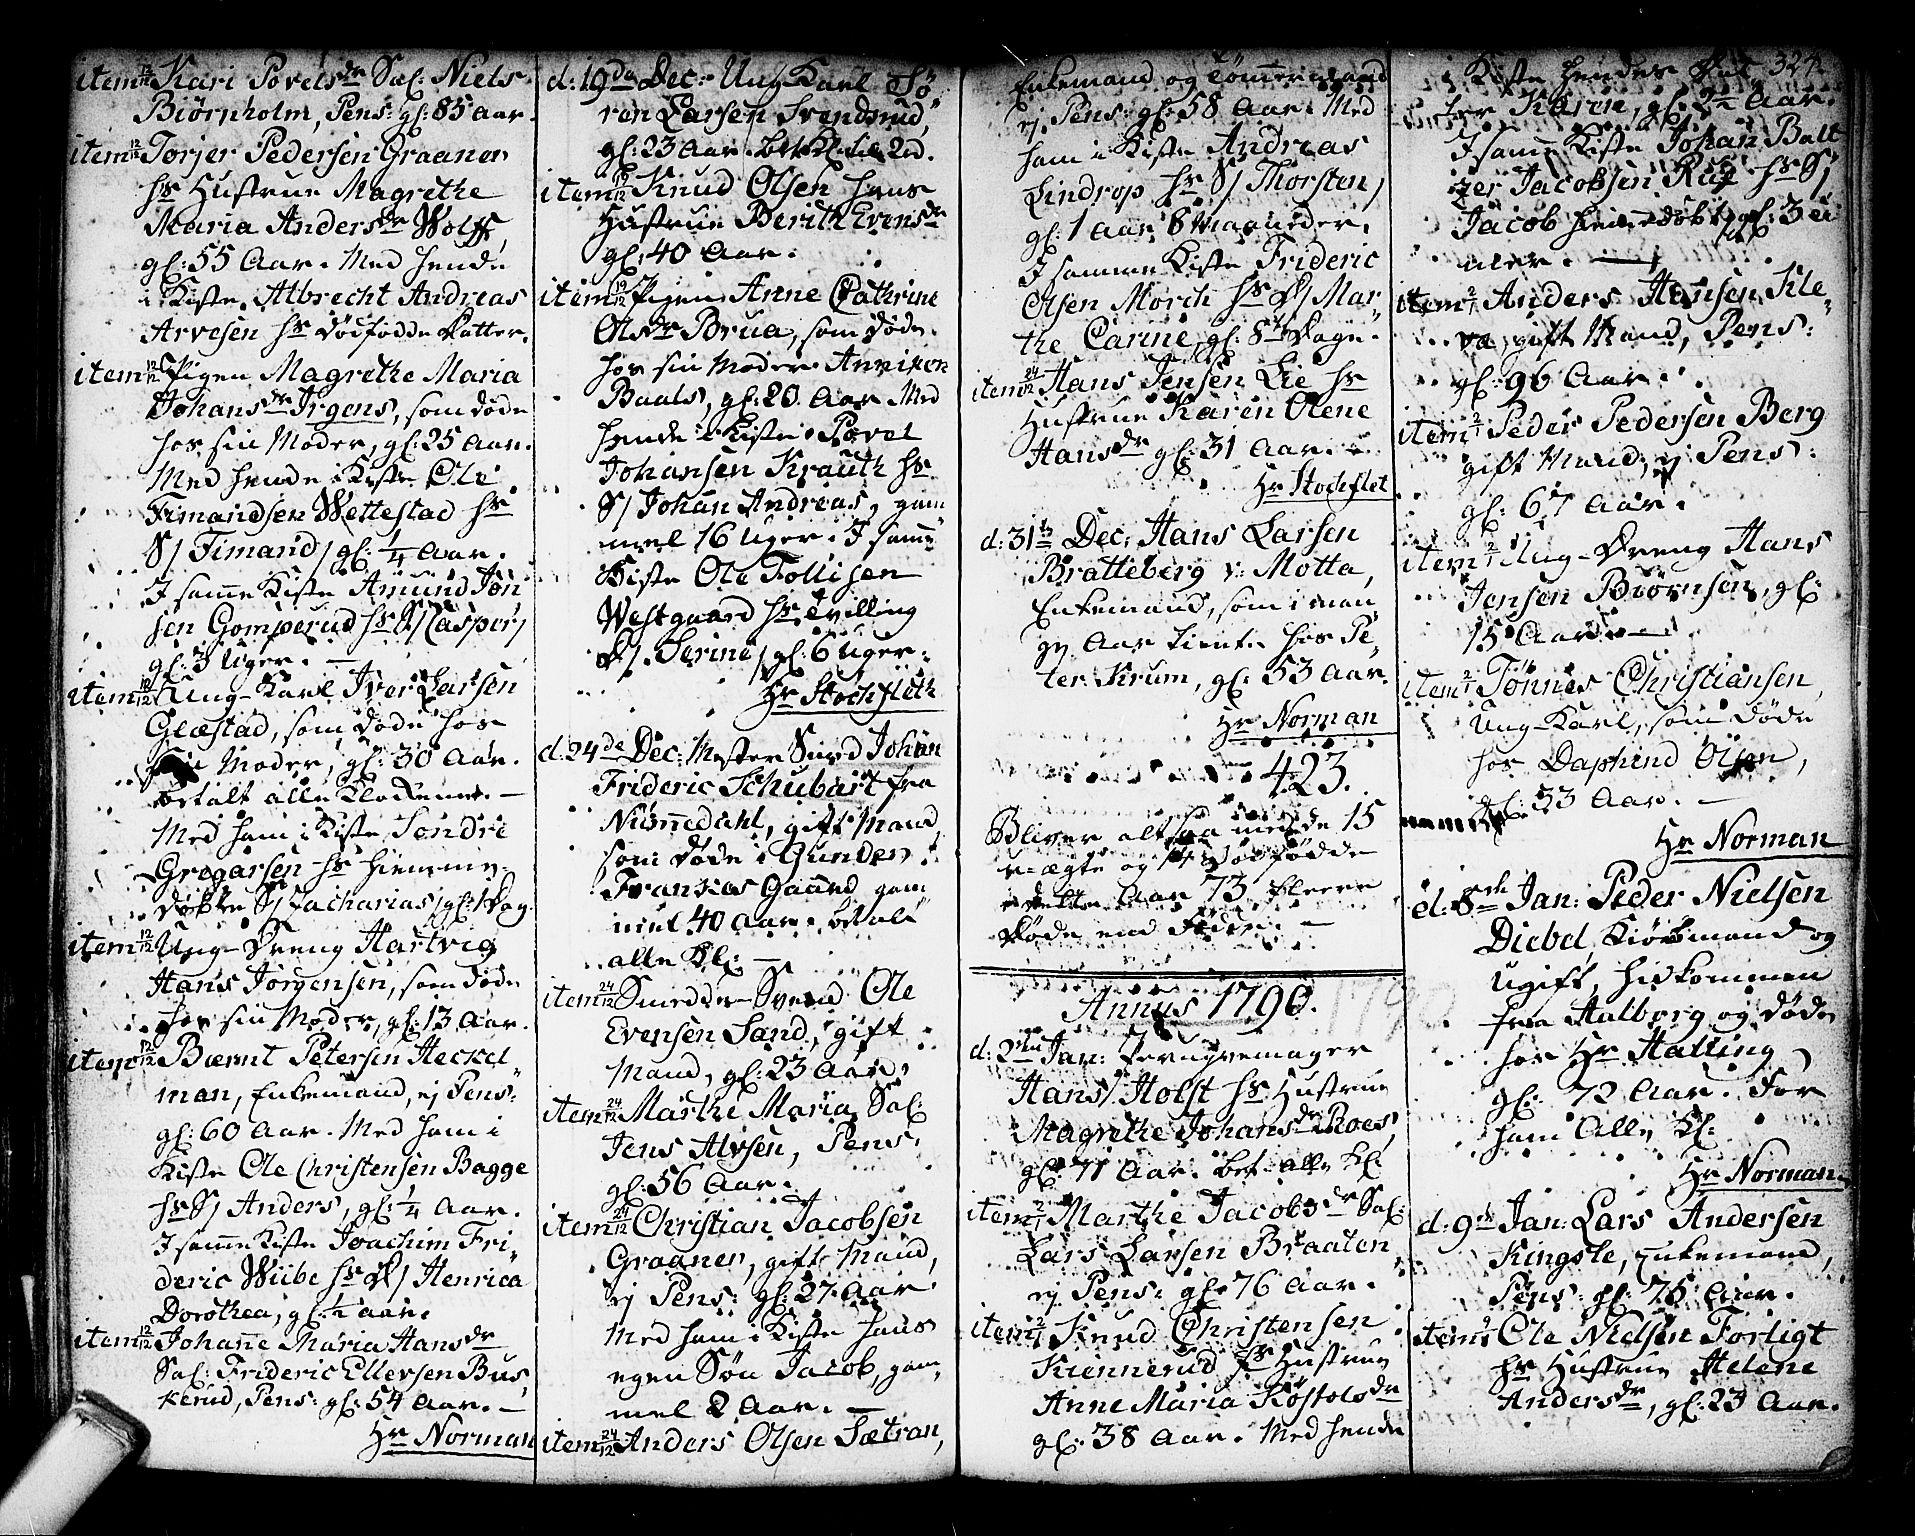 SAKO, Kongsberg kirkebøker, F/Fa/L0006: Ministerialbok nr. I 6, 1783-1797, s. 324